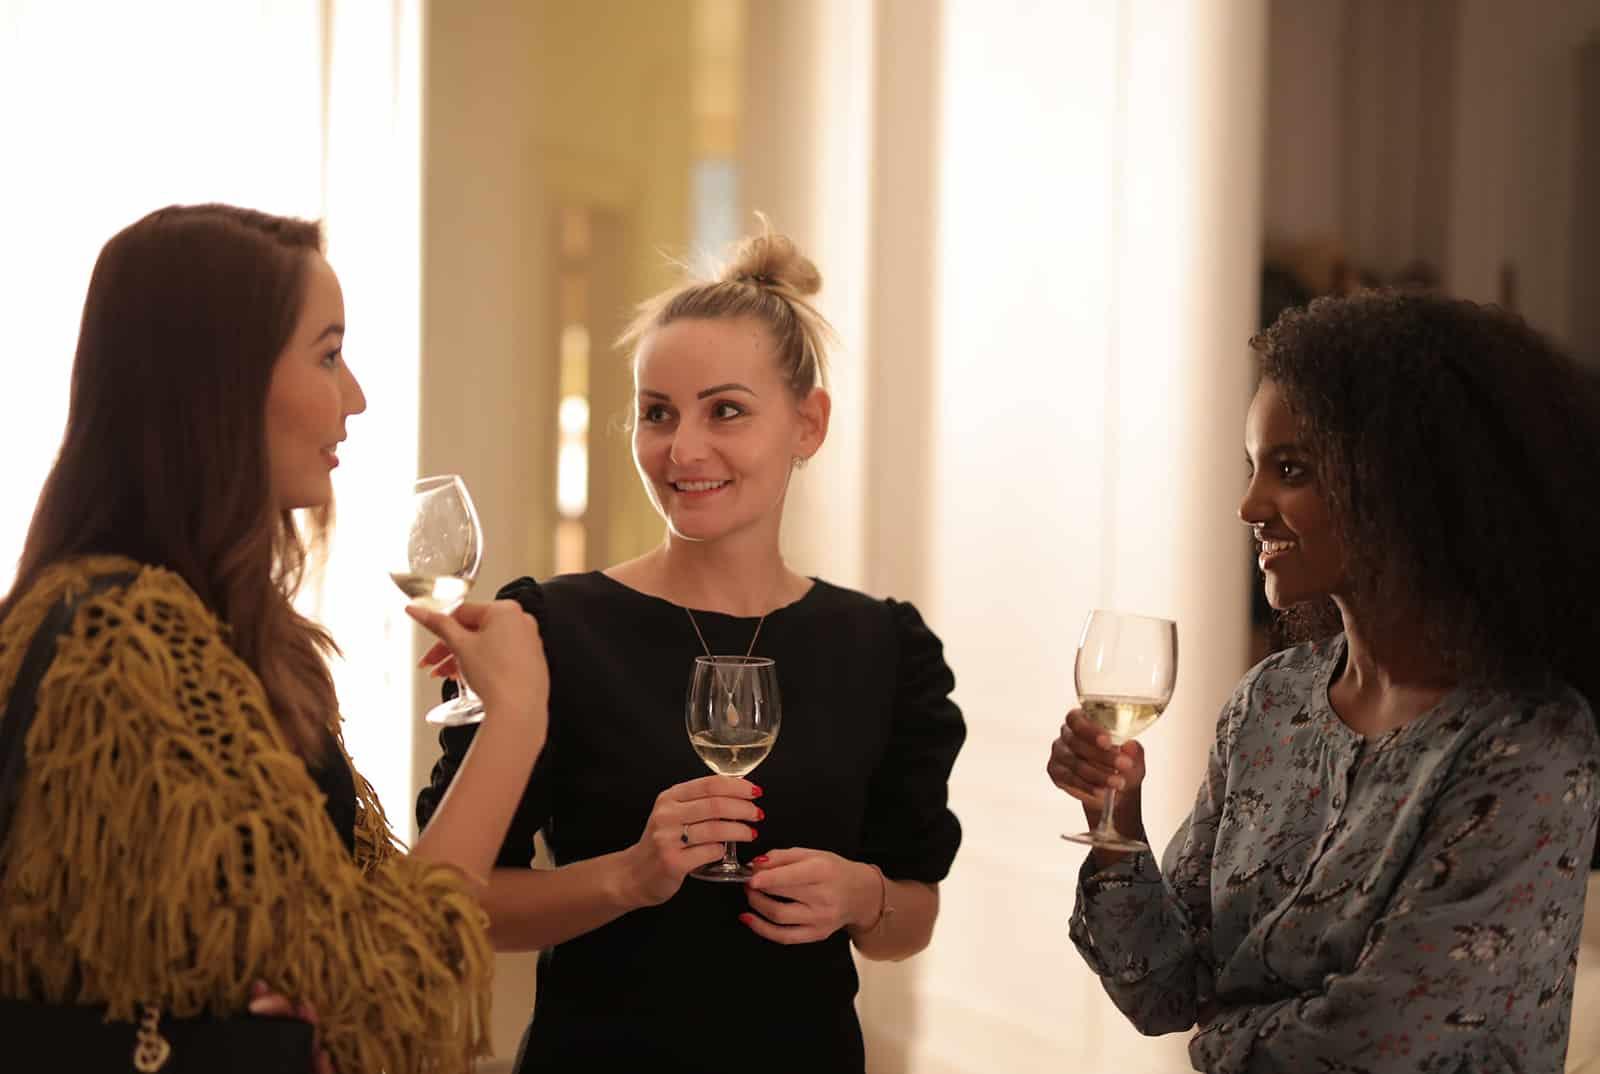 Drei Frauen unterhalten sich und halten ein Trinkglas, während sie auf der Party stehen